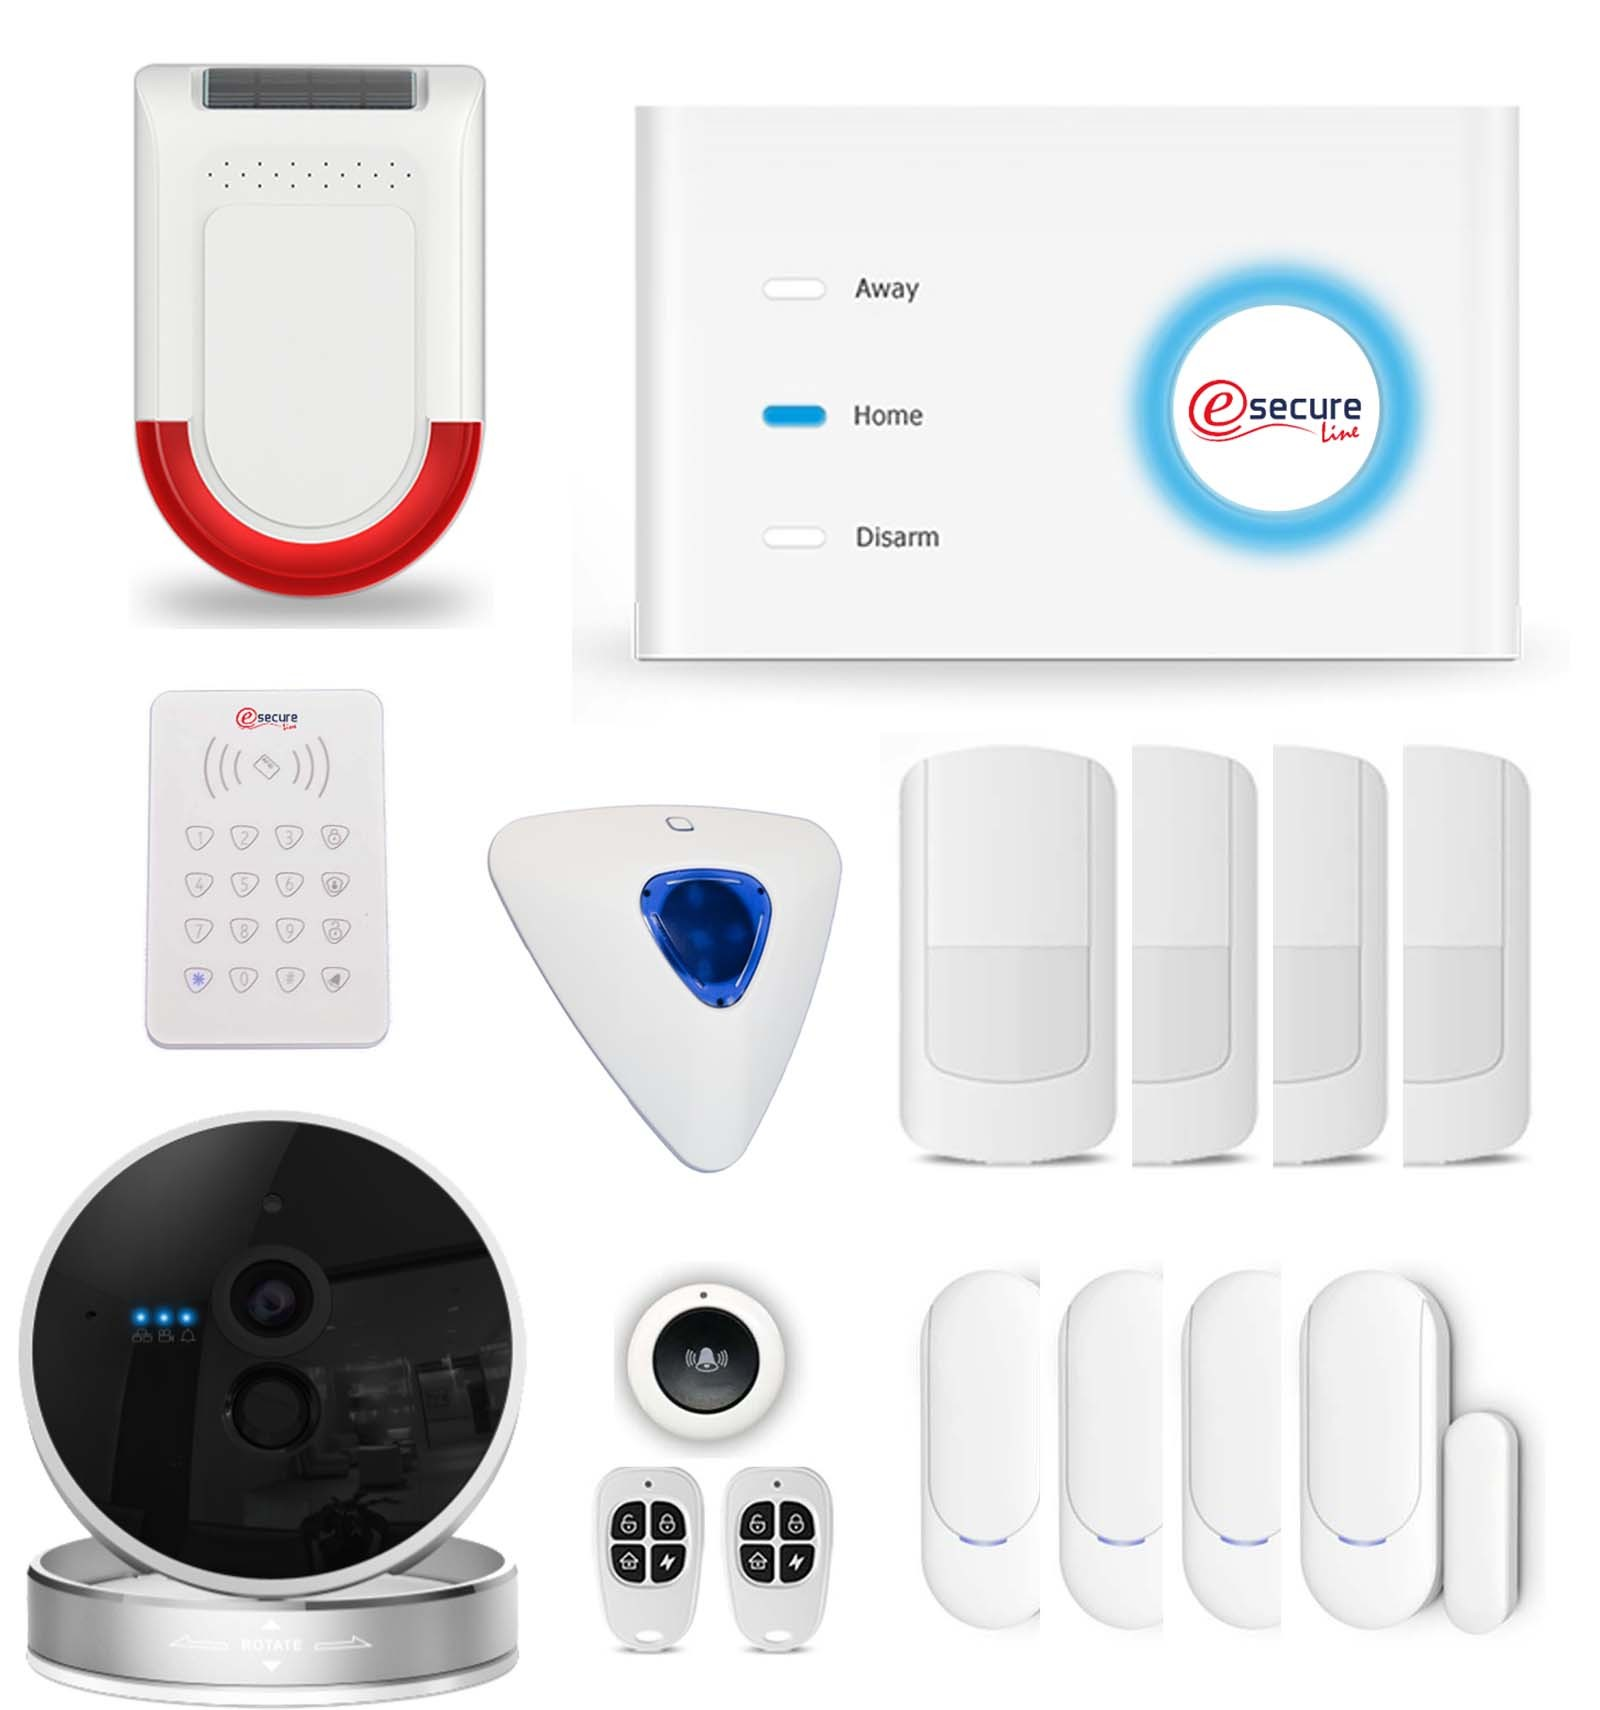 Alarme maison sans fil, ou comment acheter une alarme en toute sécurité ?